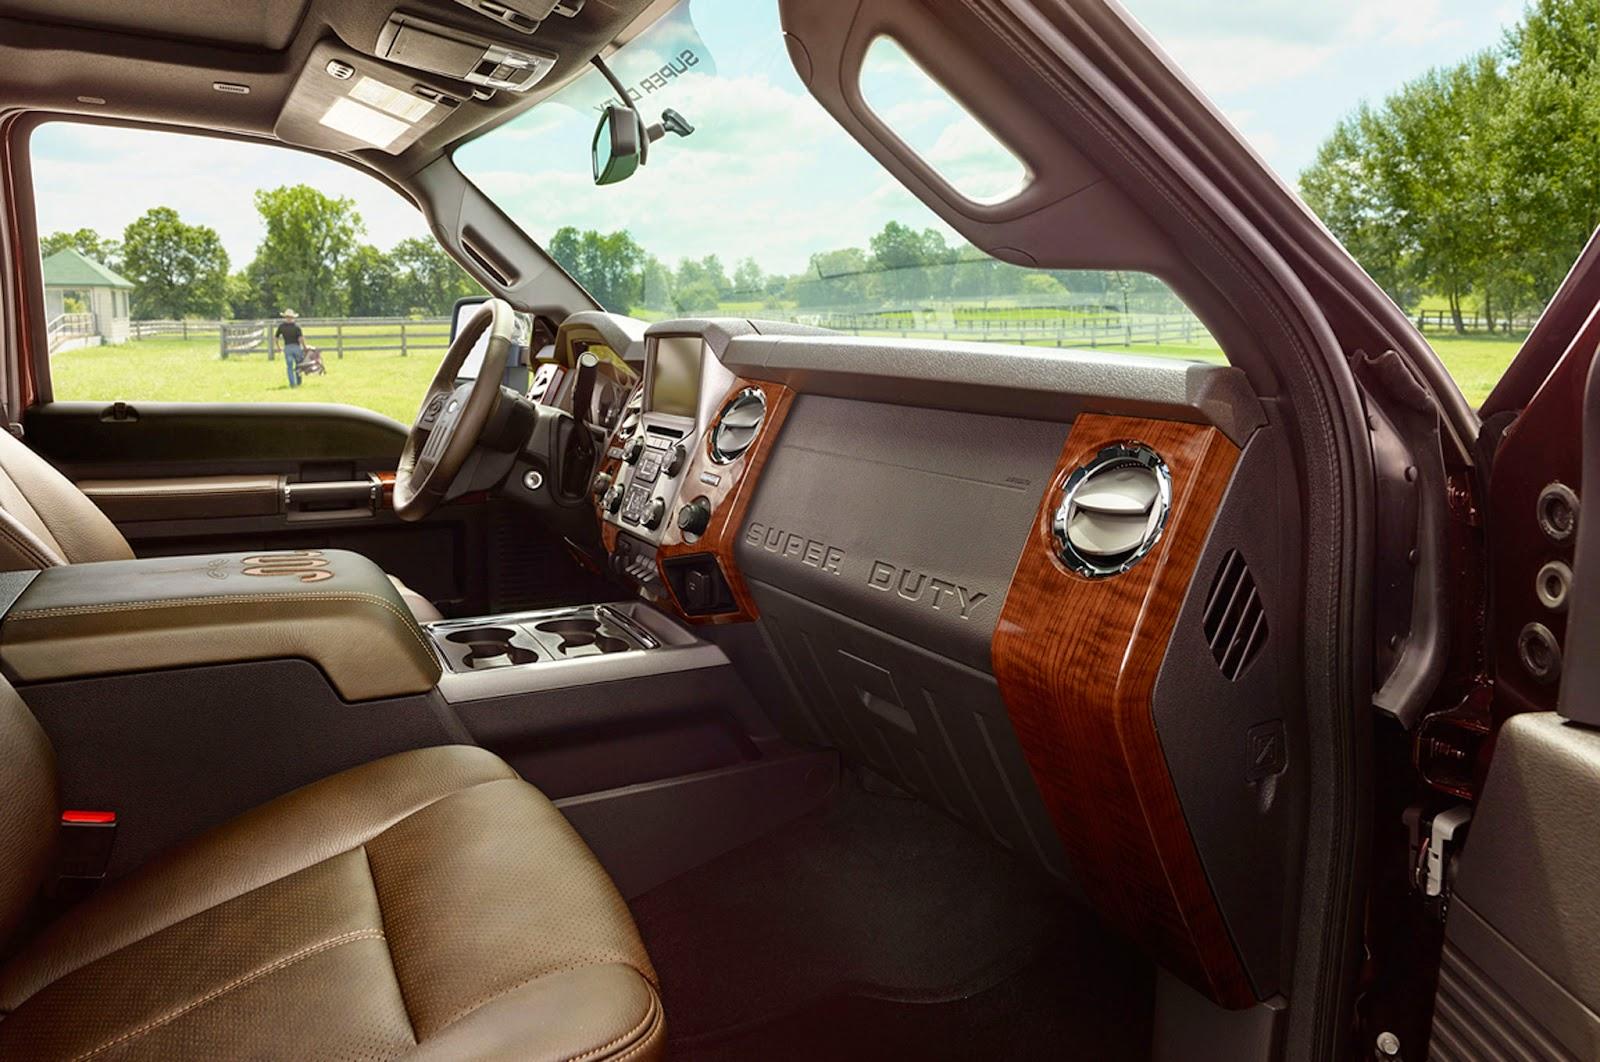 2015 ford f-250 interior